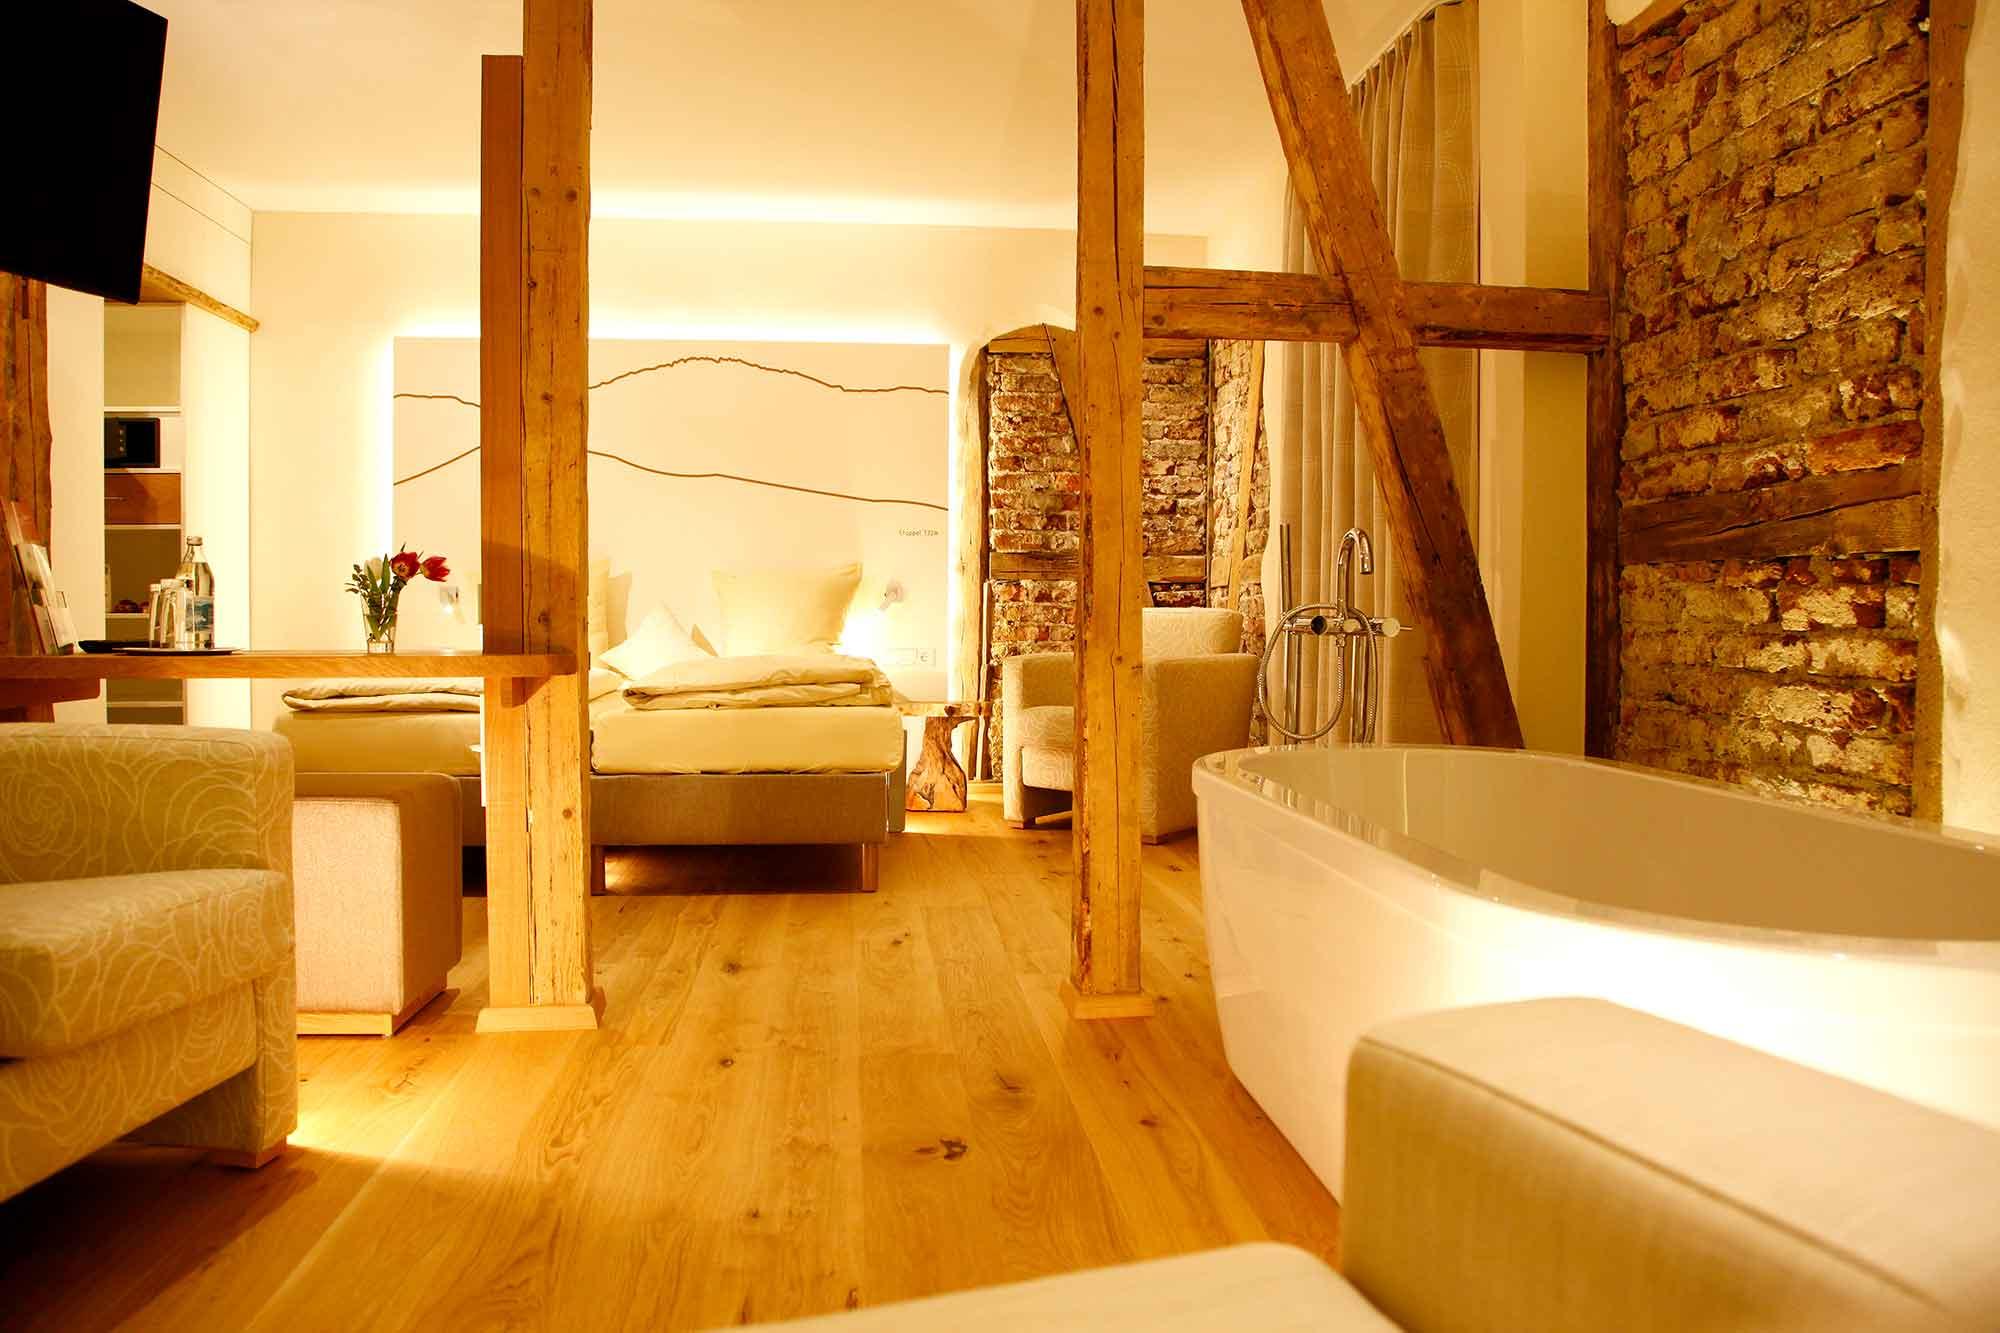 Neues Zimmer im Flair Hotel Nieder in Bestwig-Ostwig